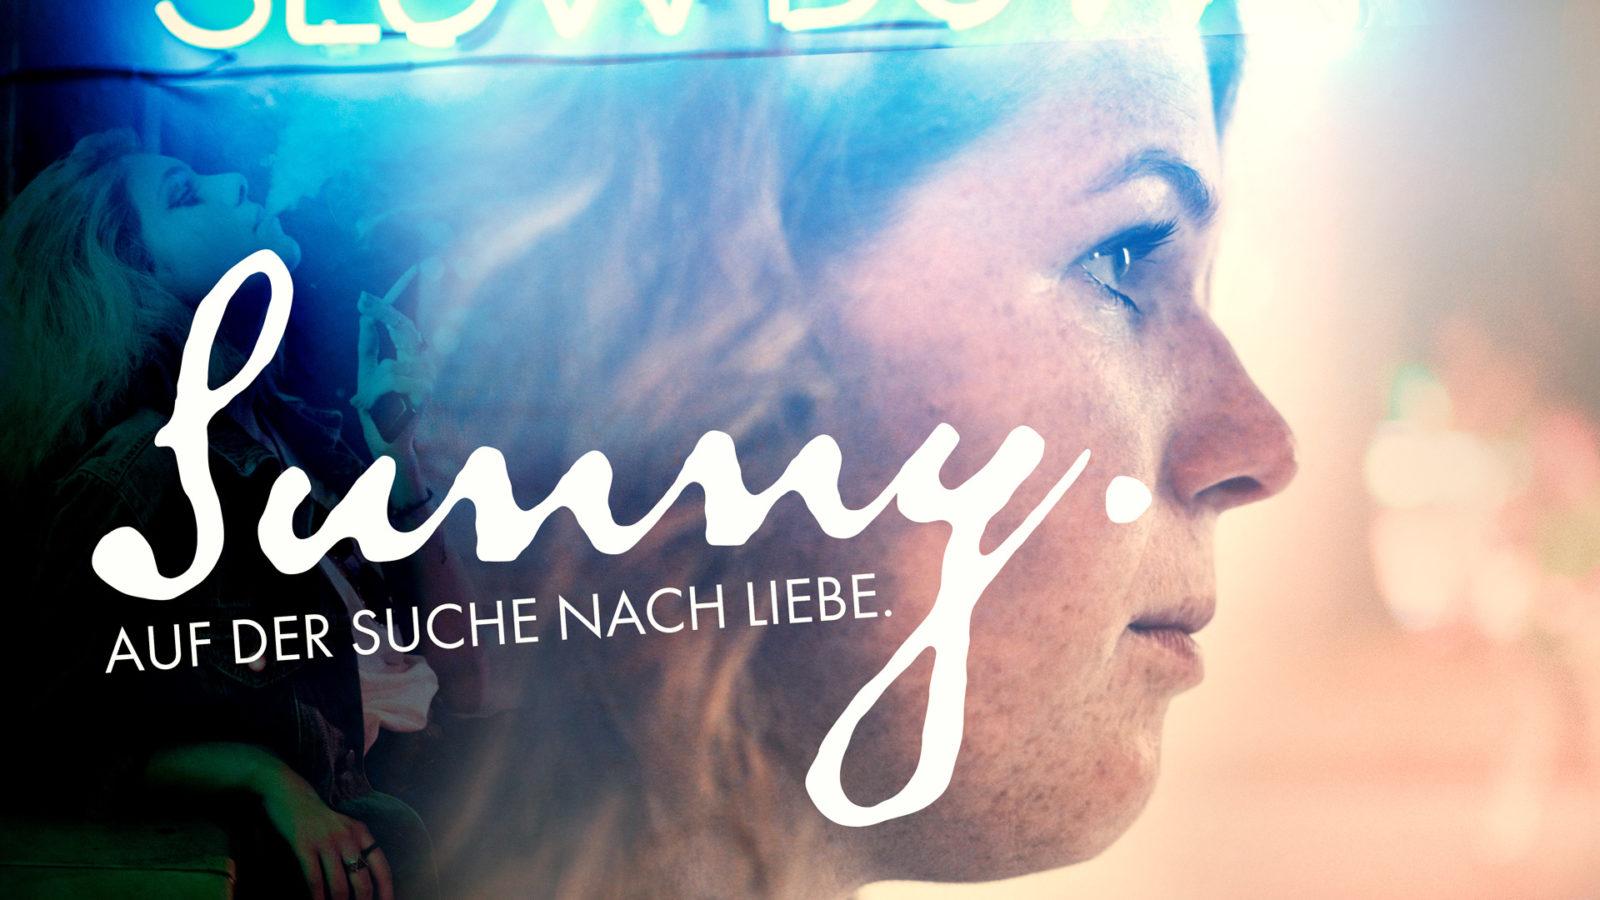 Sunny - eine Frau auf der Suche nach Liebe